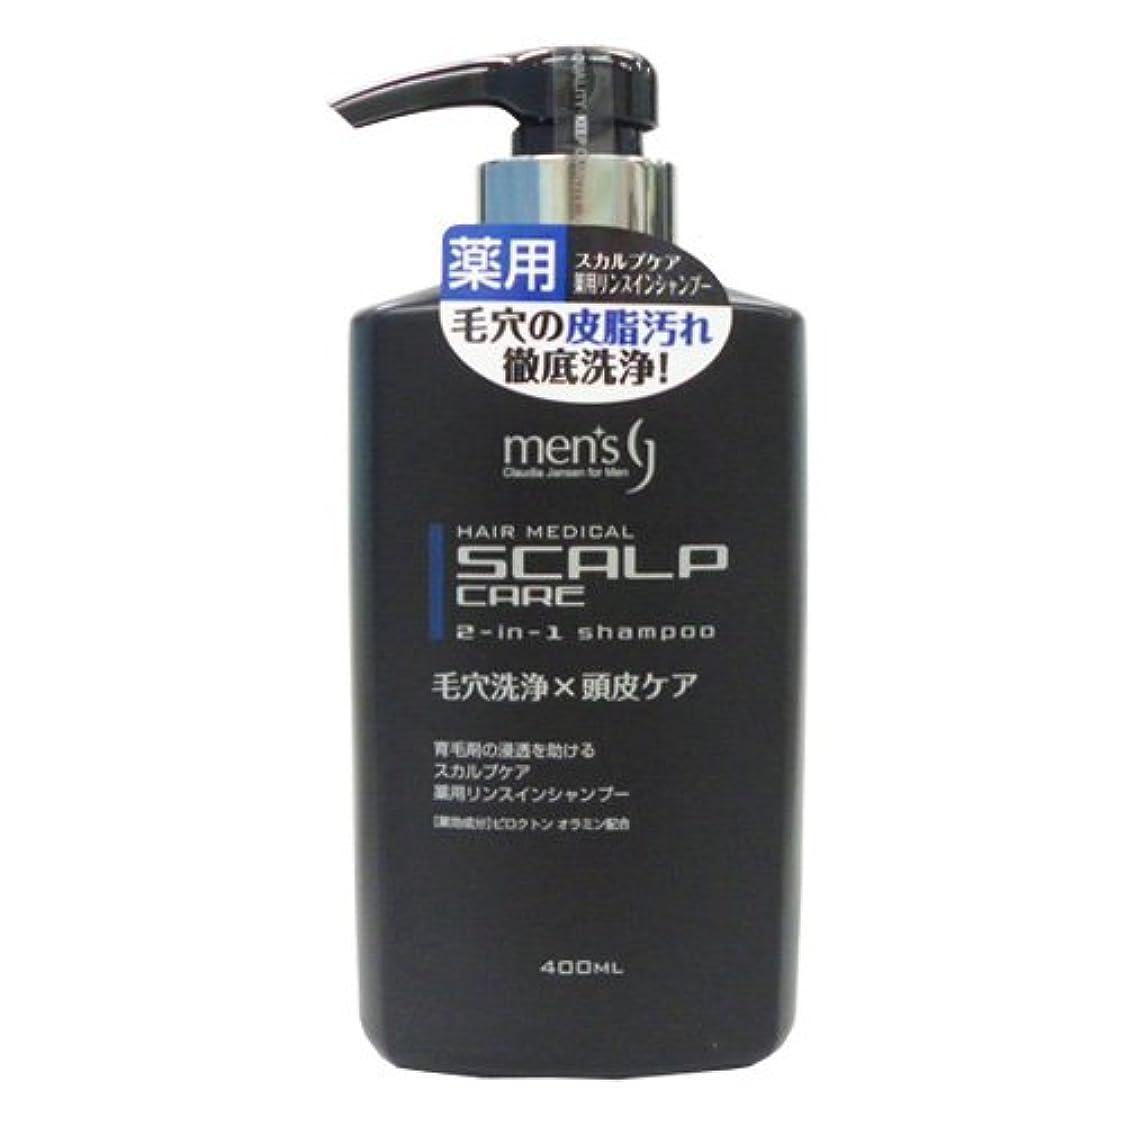 ジュース指標トレッドスカルプケア薬用リンスインシャンプー 400ml 毛穴洗浄×頭皮ケア